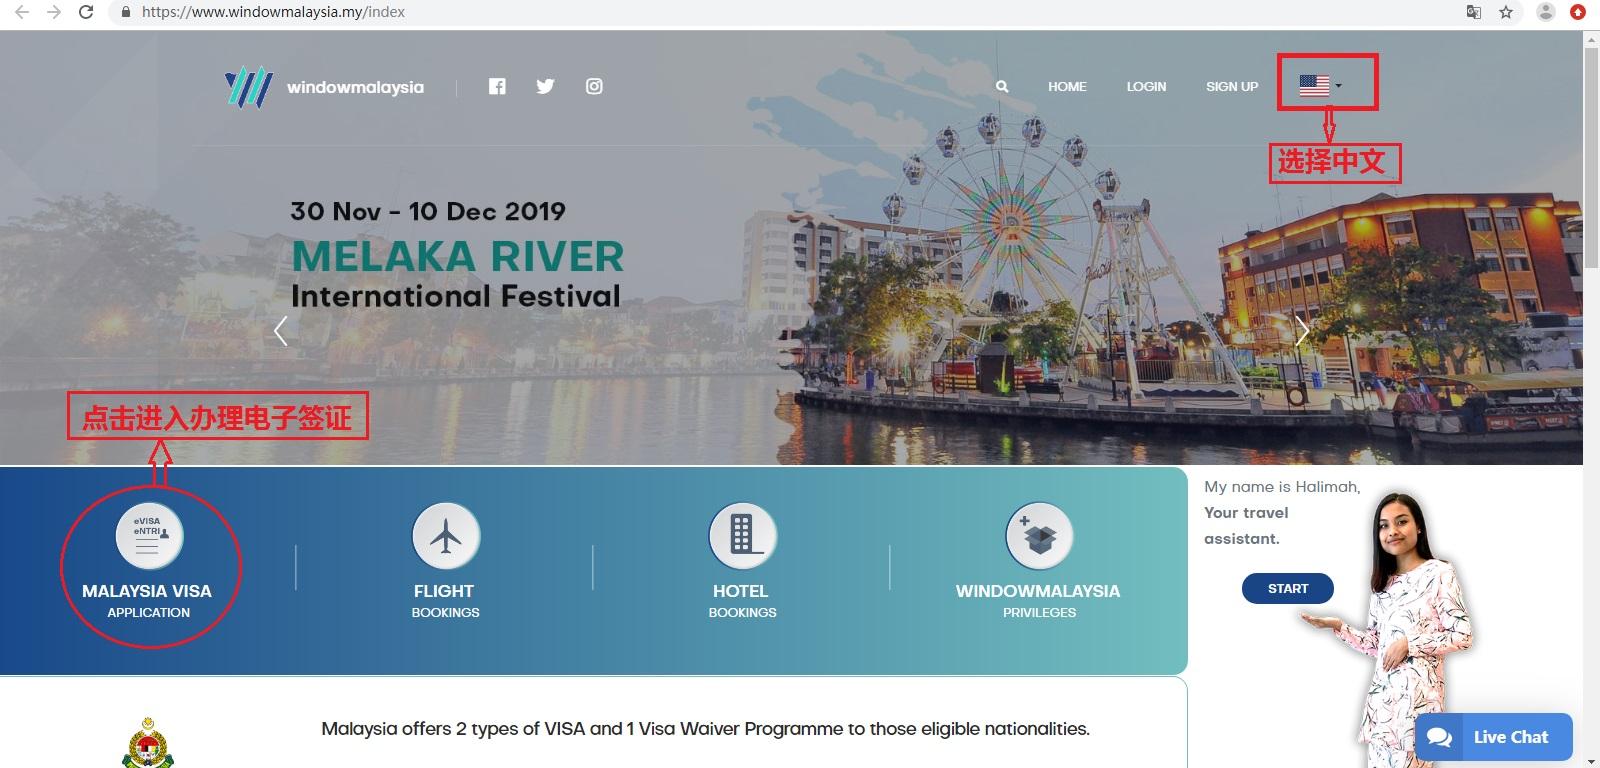 马来西亚电子签证(eVISA)办理流程